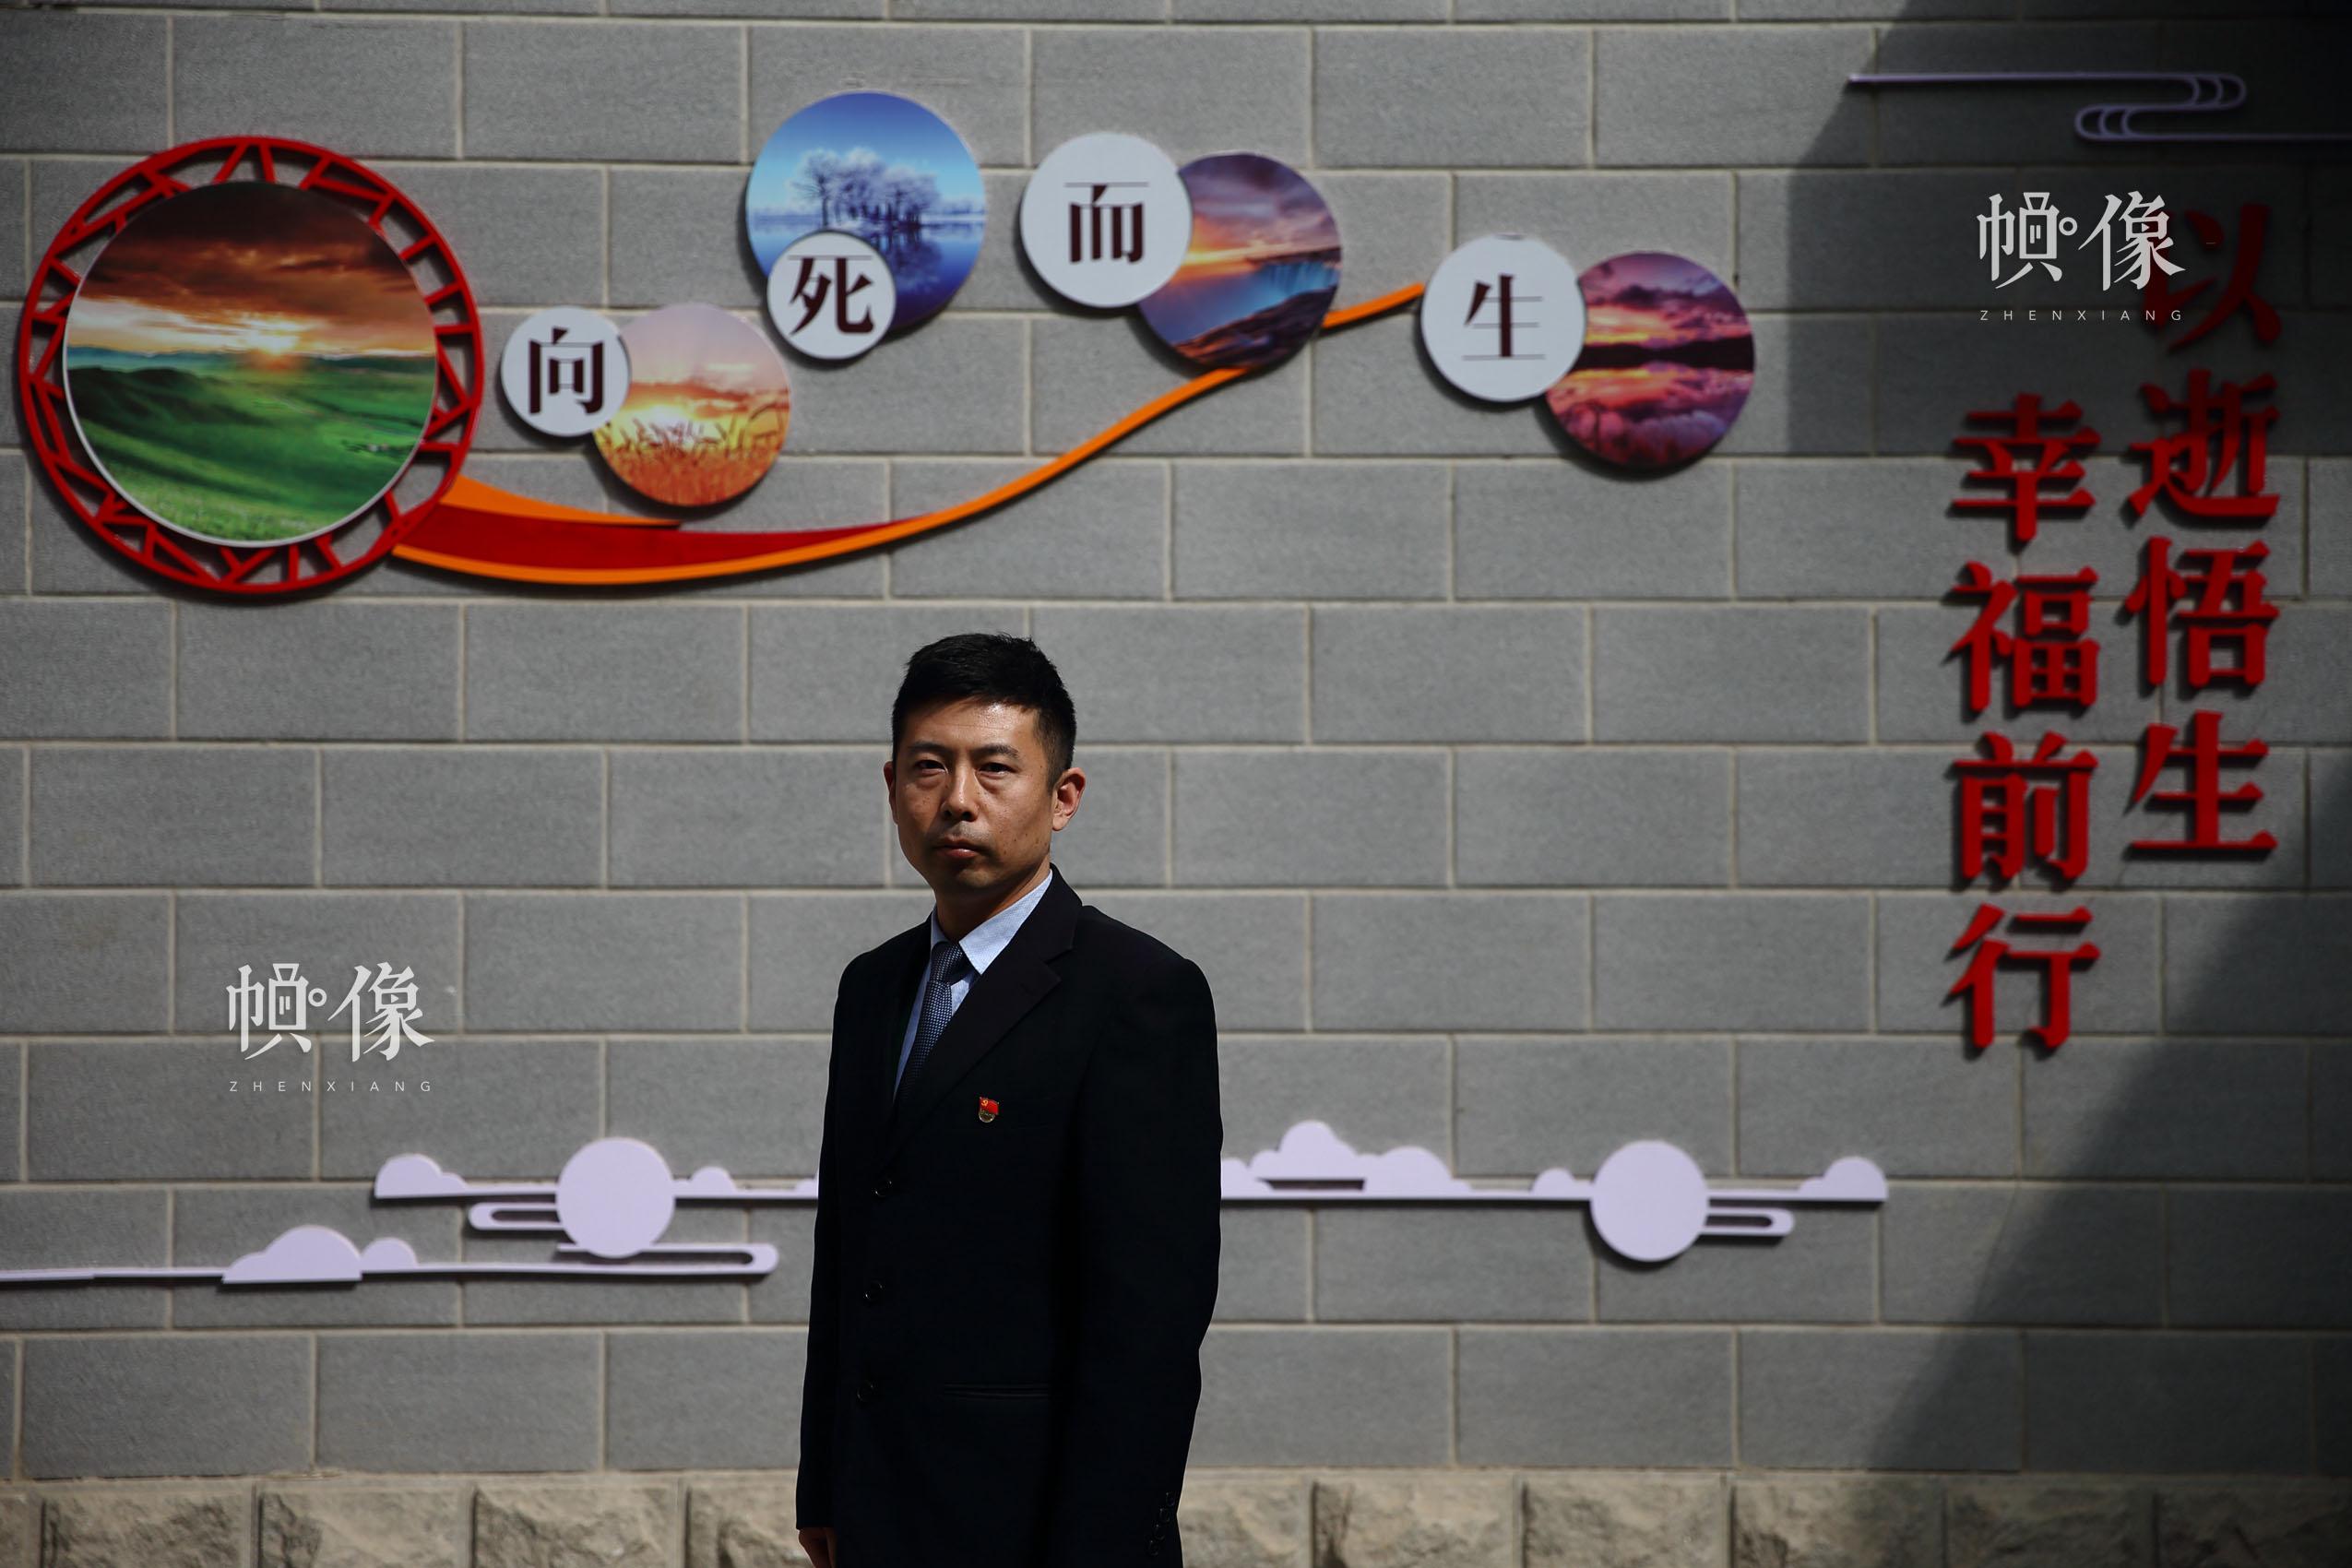 北京八寶山殯儀館火化室副主任魏童。中國網記者 陳維松 攝